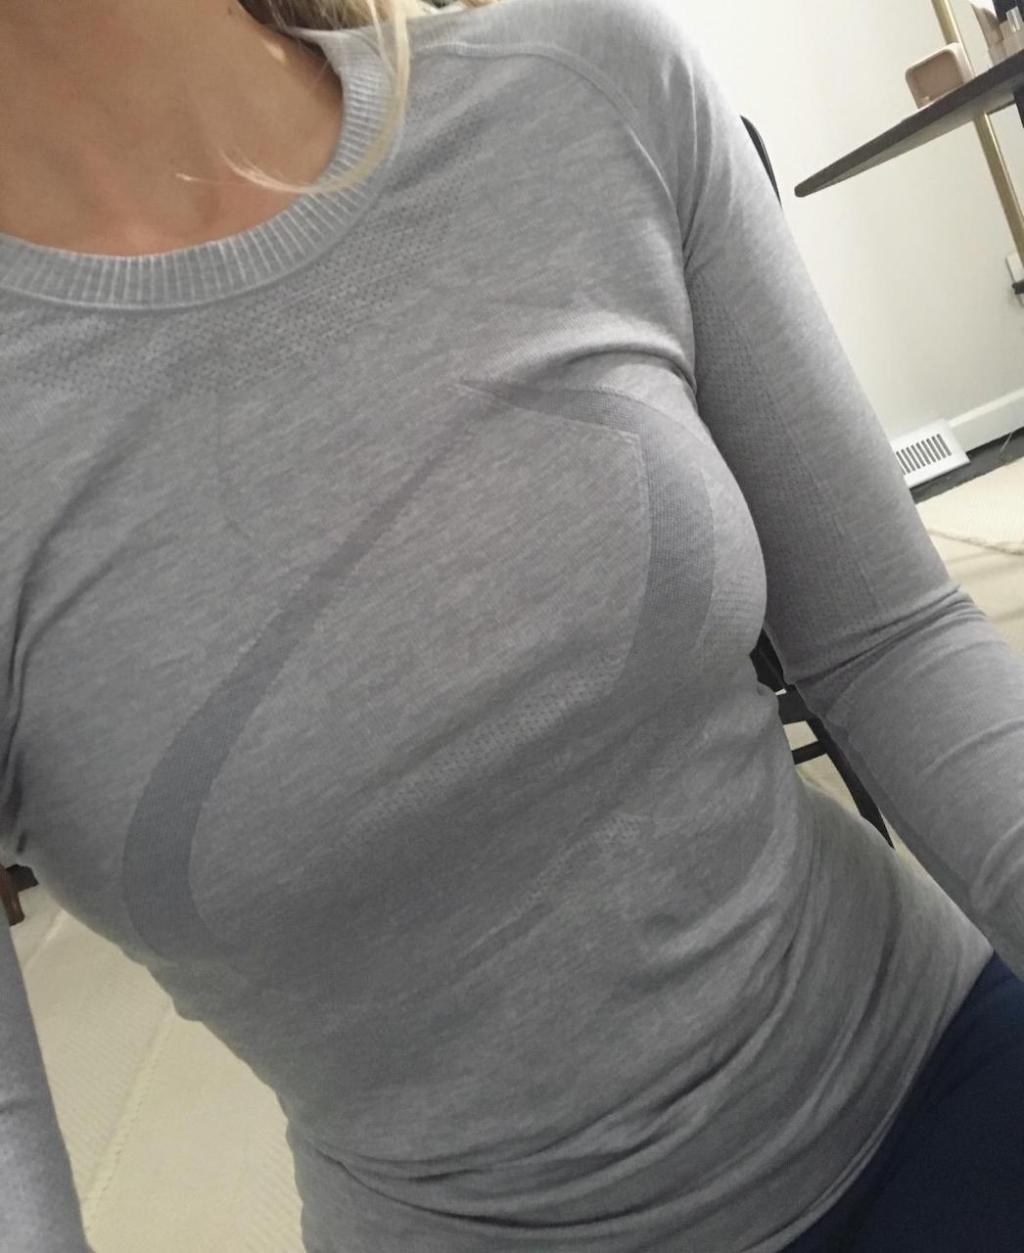 Lululemon knockoff long sleeve shirt